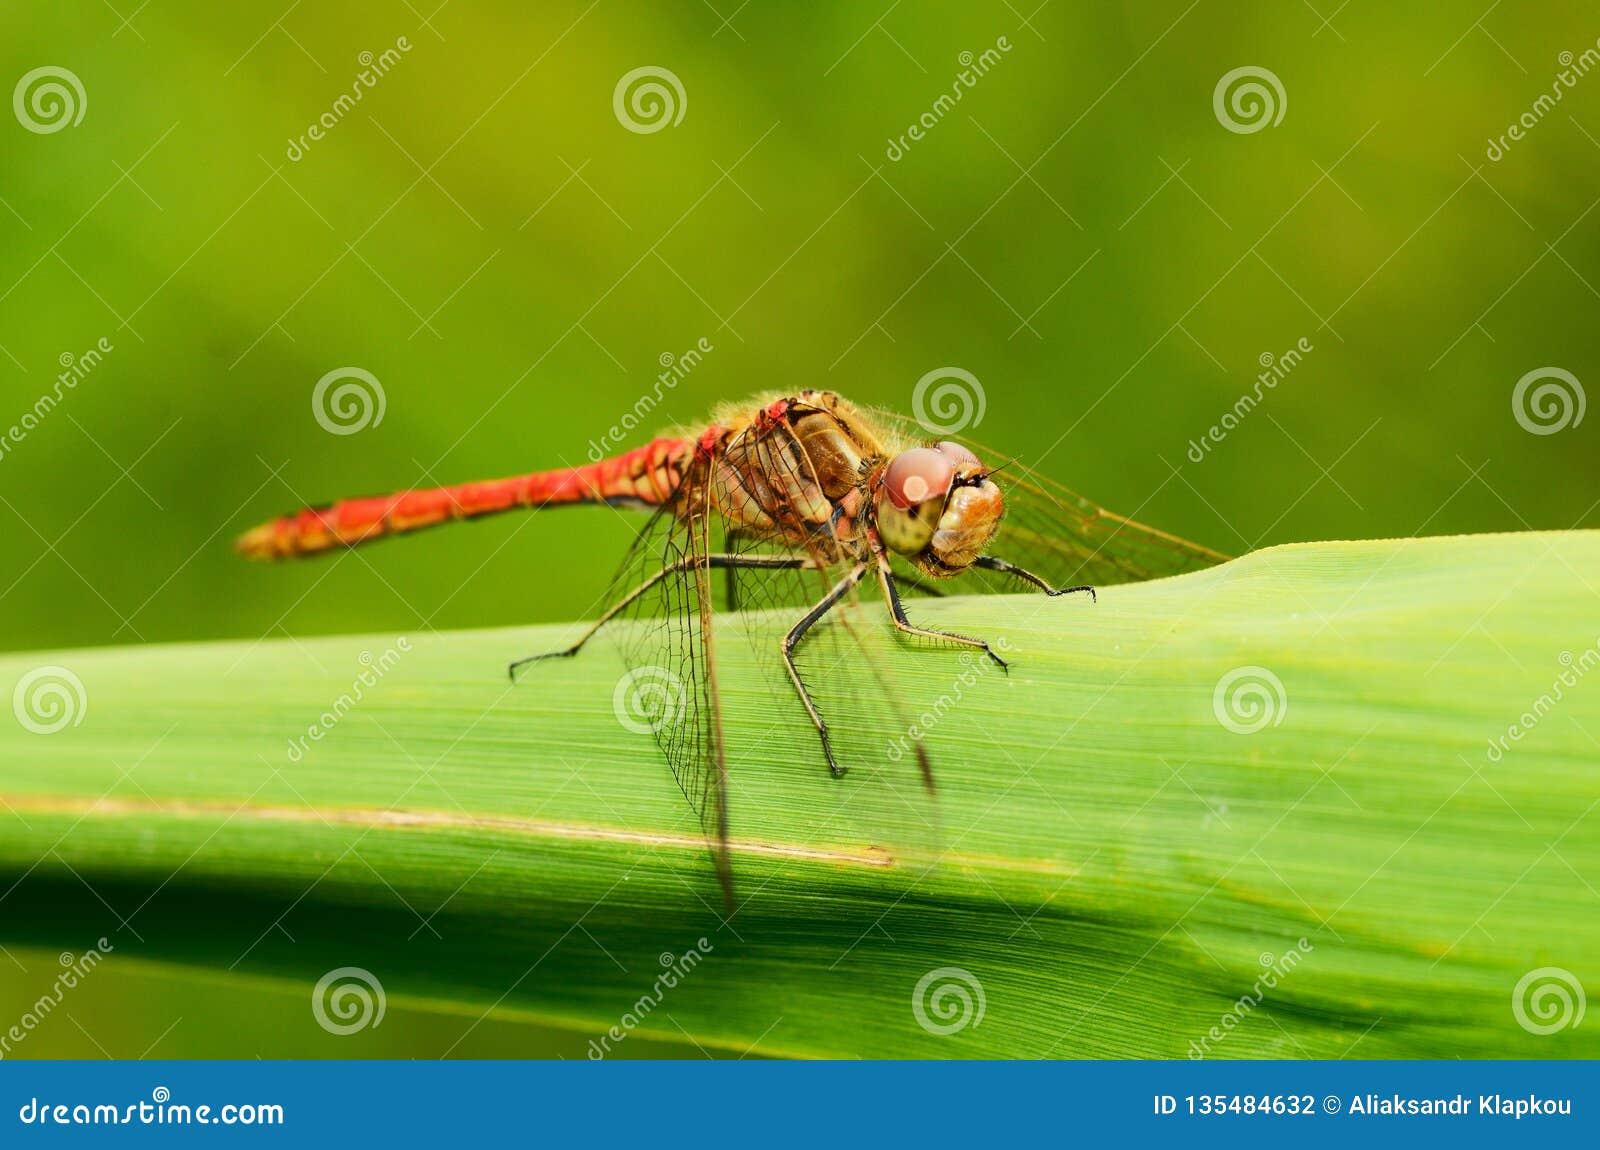 蜻蜓是昆虫生活在水身体附近